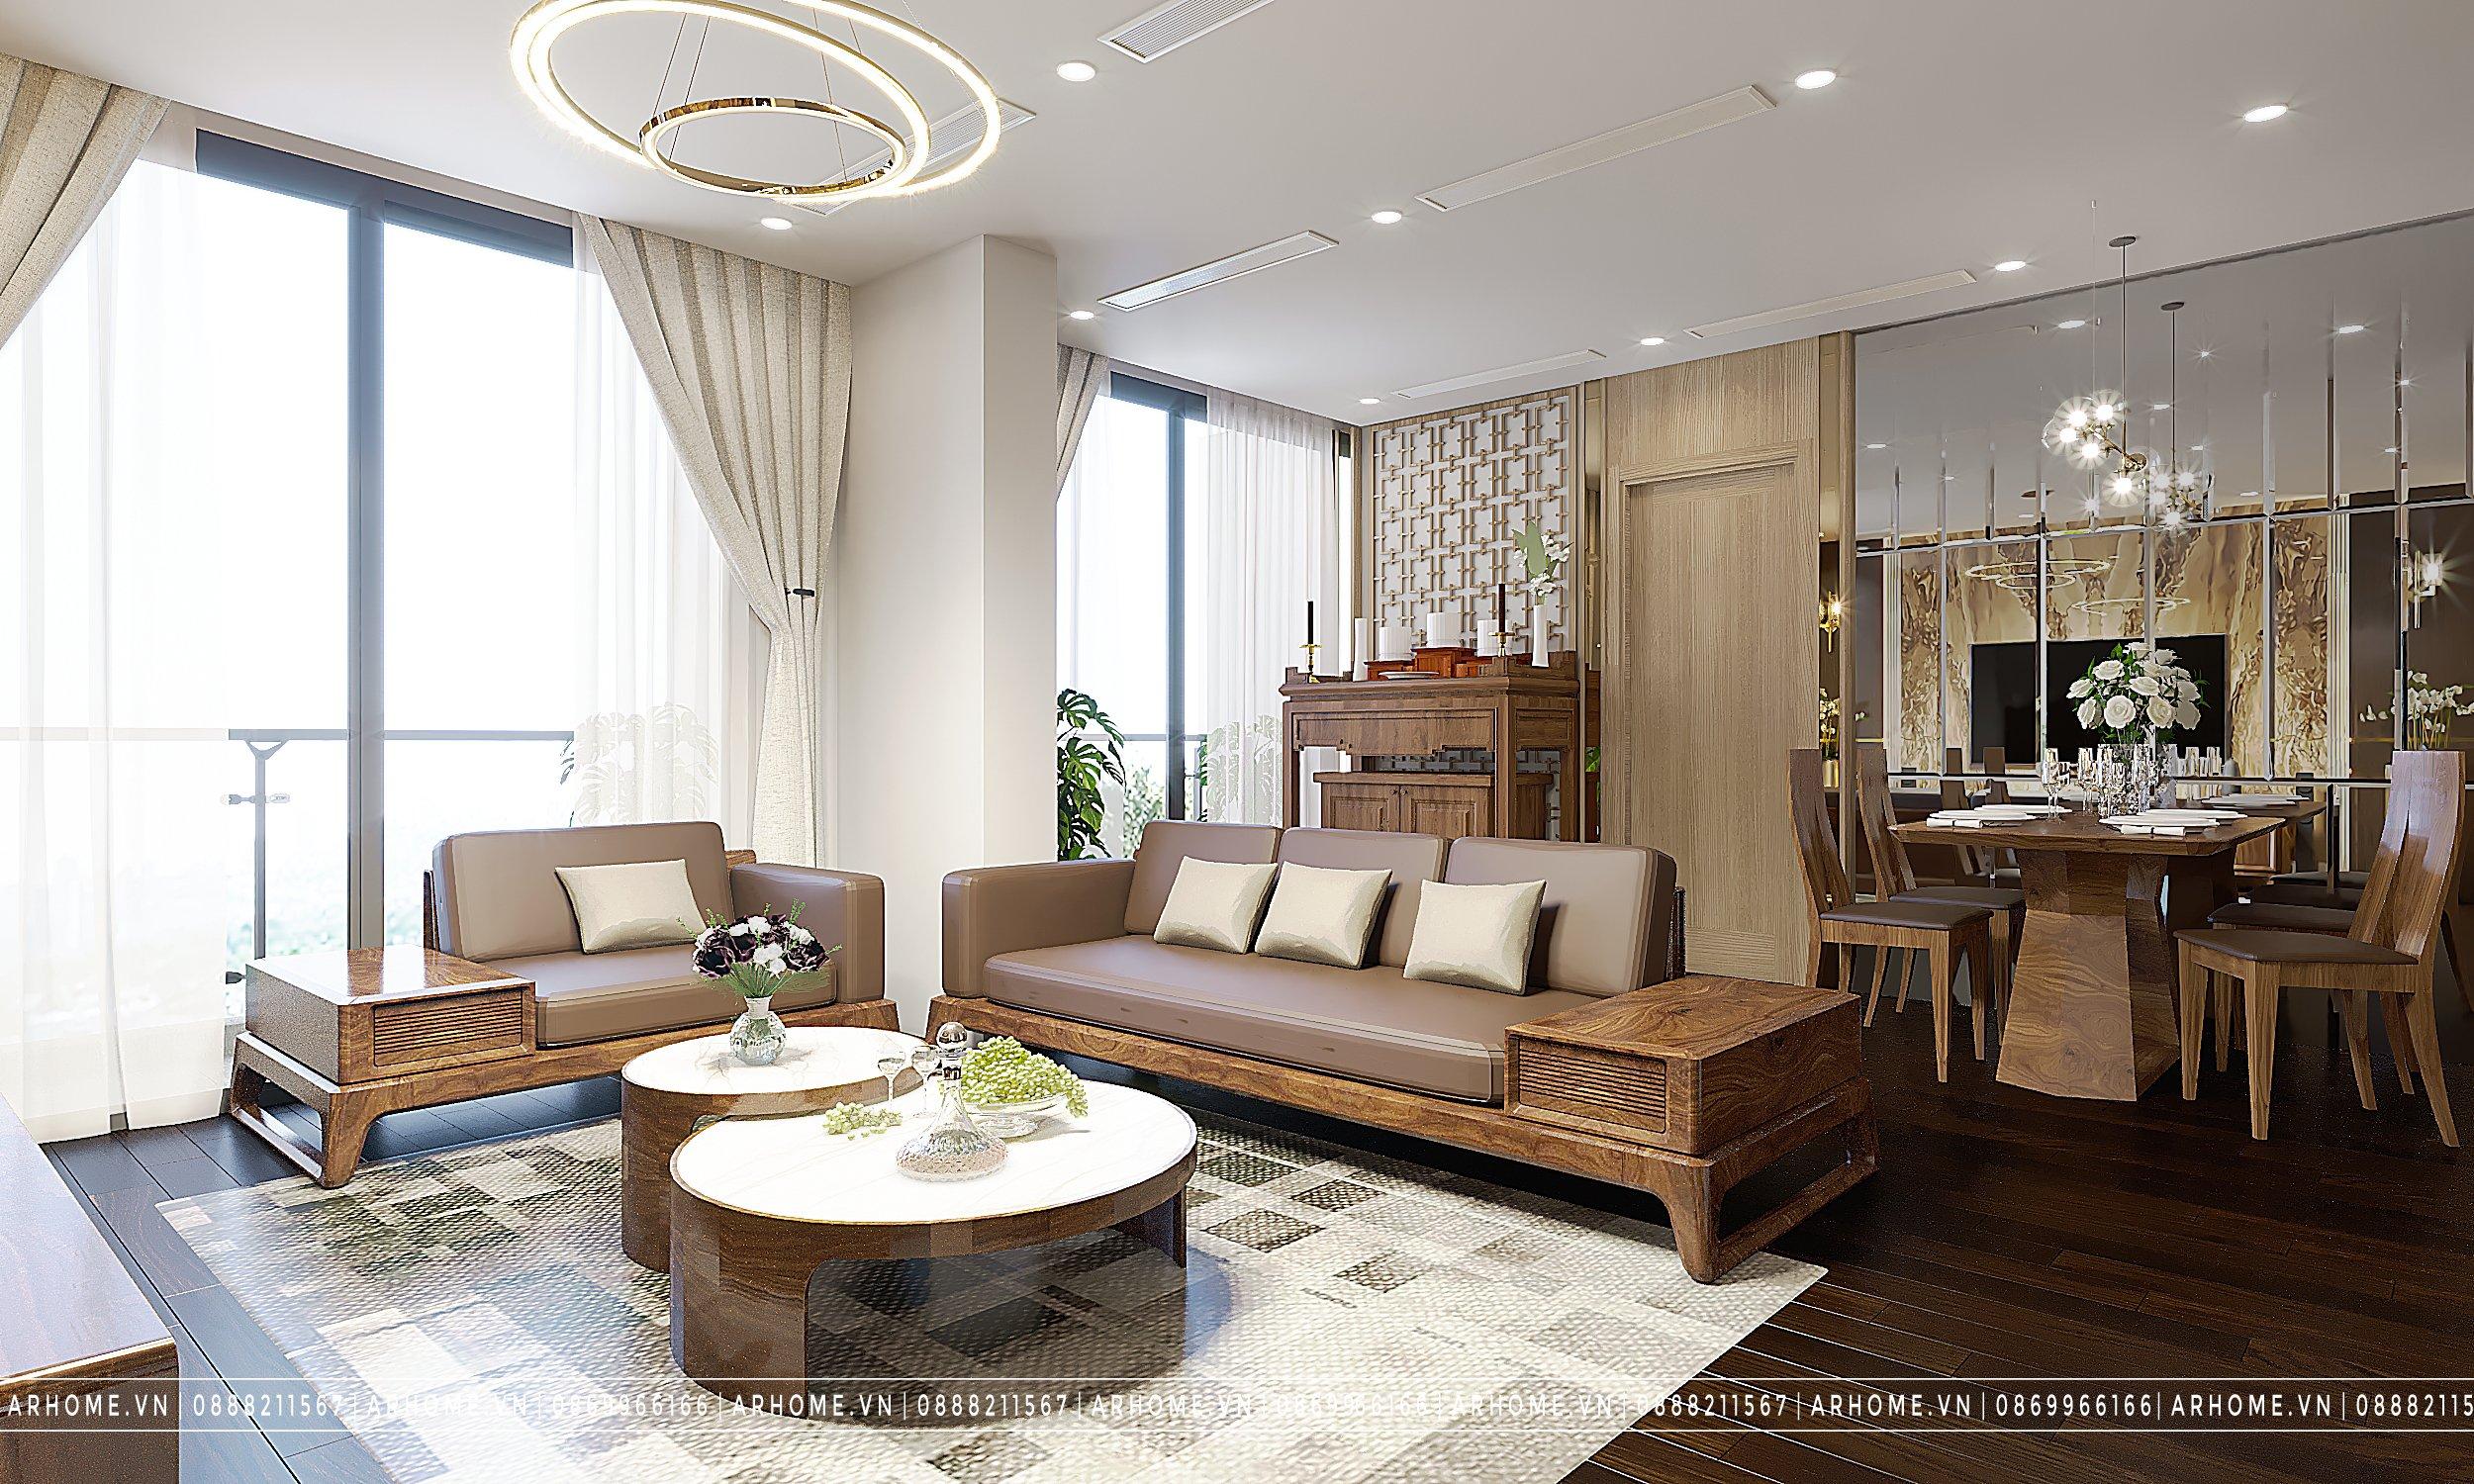 Thiết kế nội thất căn hộ Vinhomes Symphony Riverside